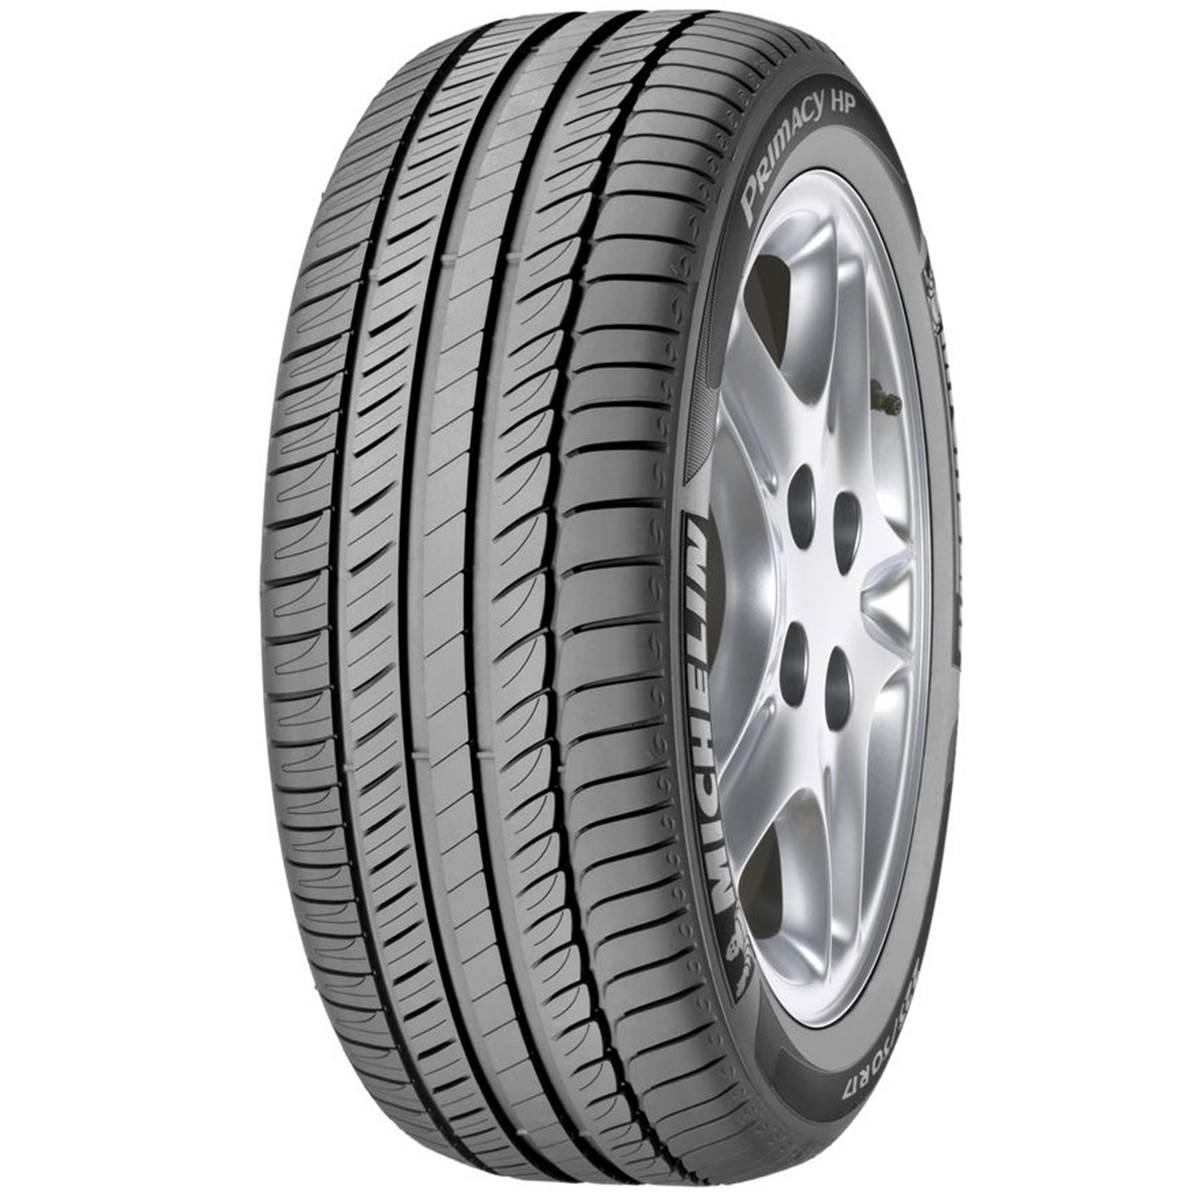 michelin primacy hp 195 55 r16 achat de pneus michelin primacy hp 195 55 r16 pas cher pneu. Black Bedroom Furniture Sets. Home Design Ideas